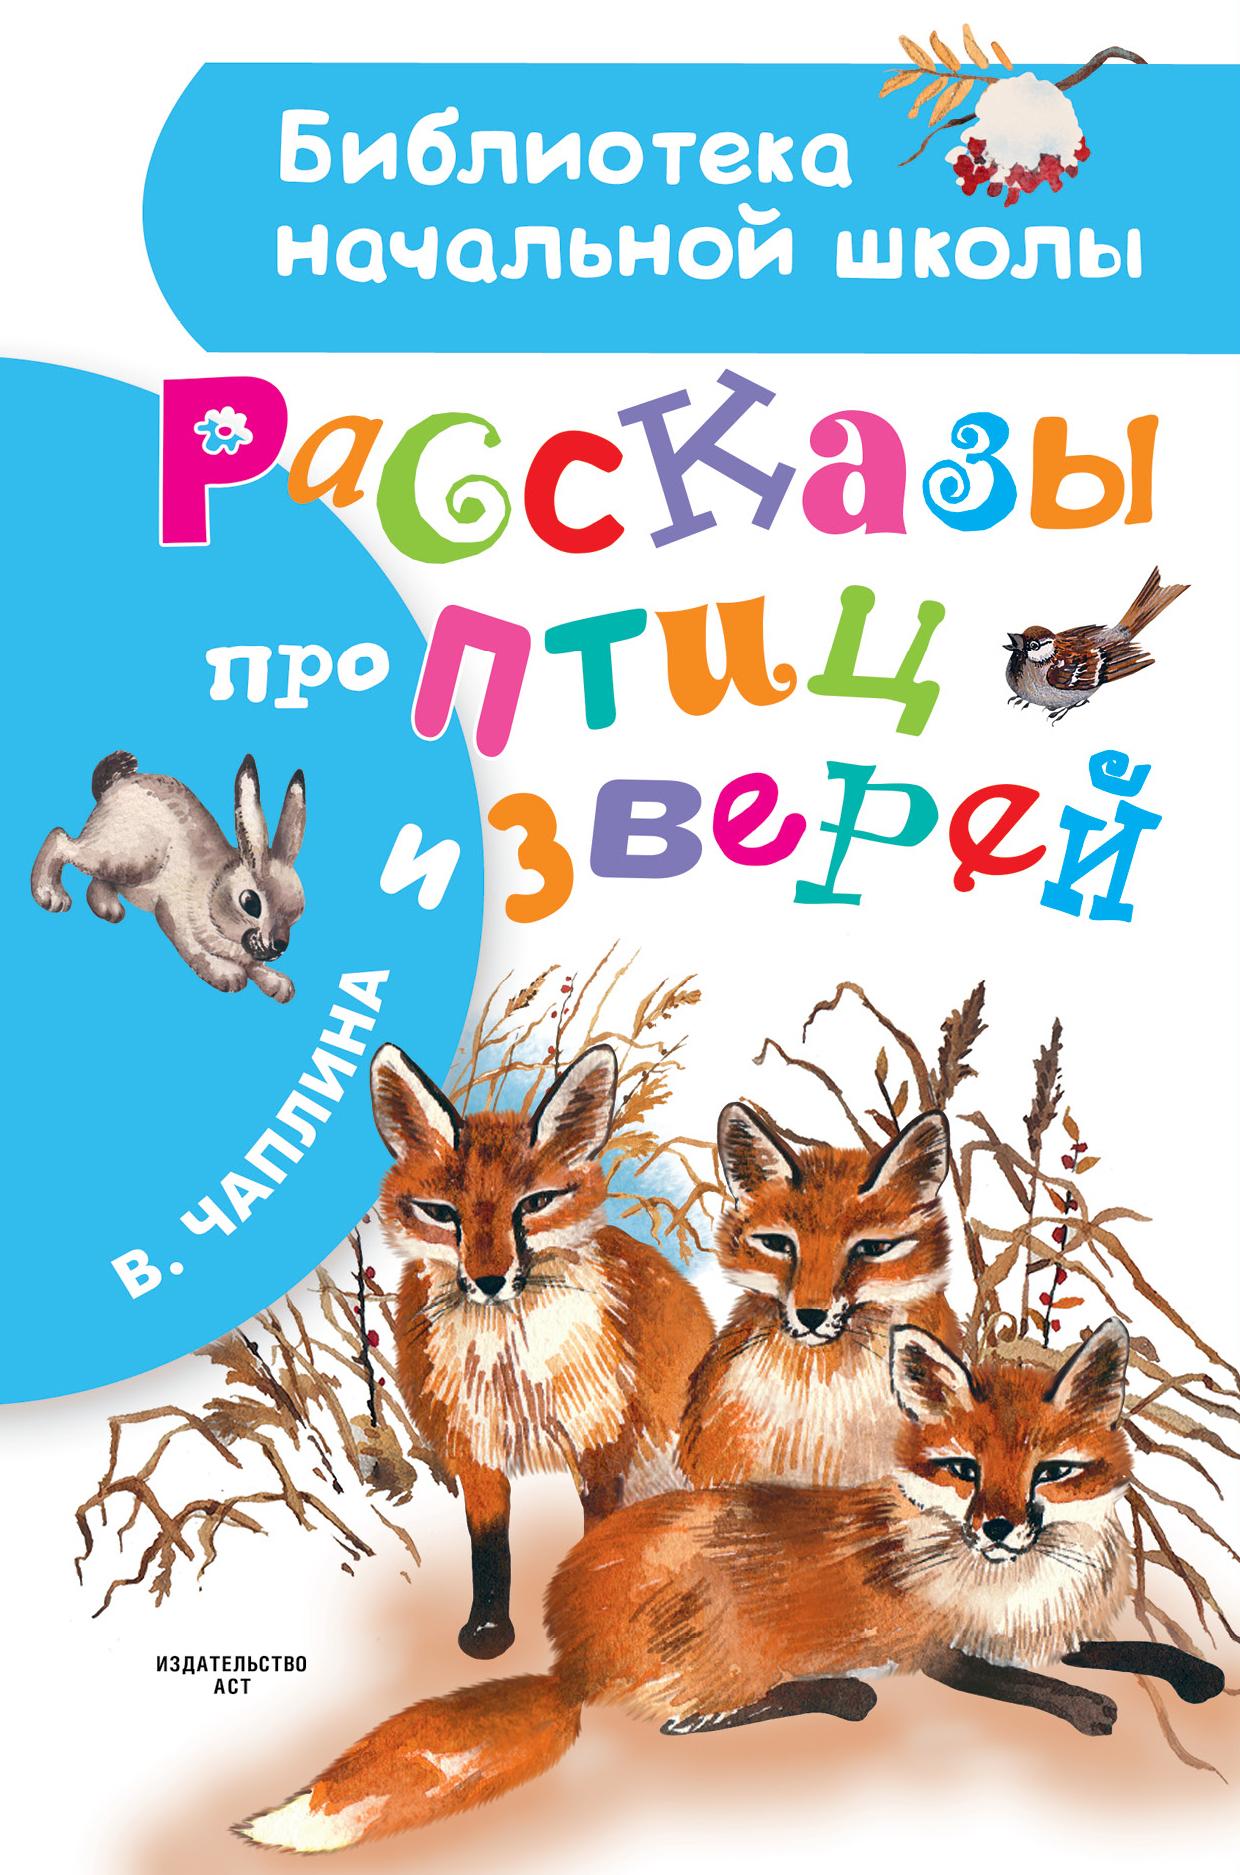 Чаплина В.В. Рассказы про птиц и зверей школа в лесу для птиц и зверей 3 книга третья